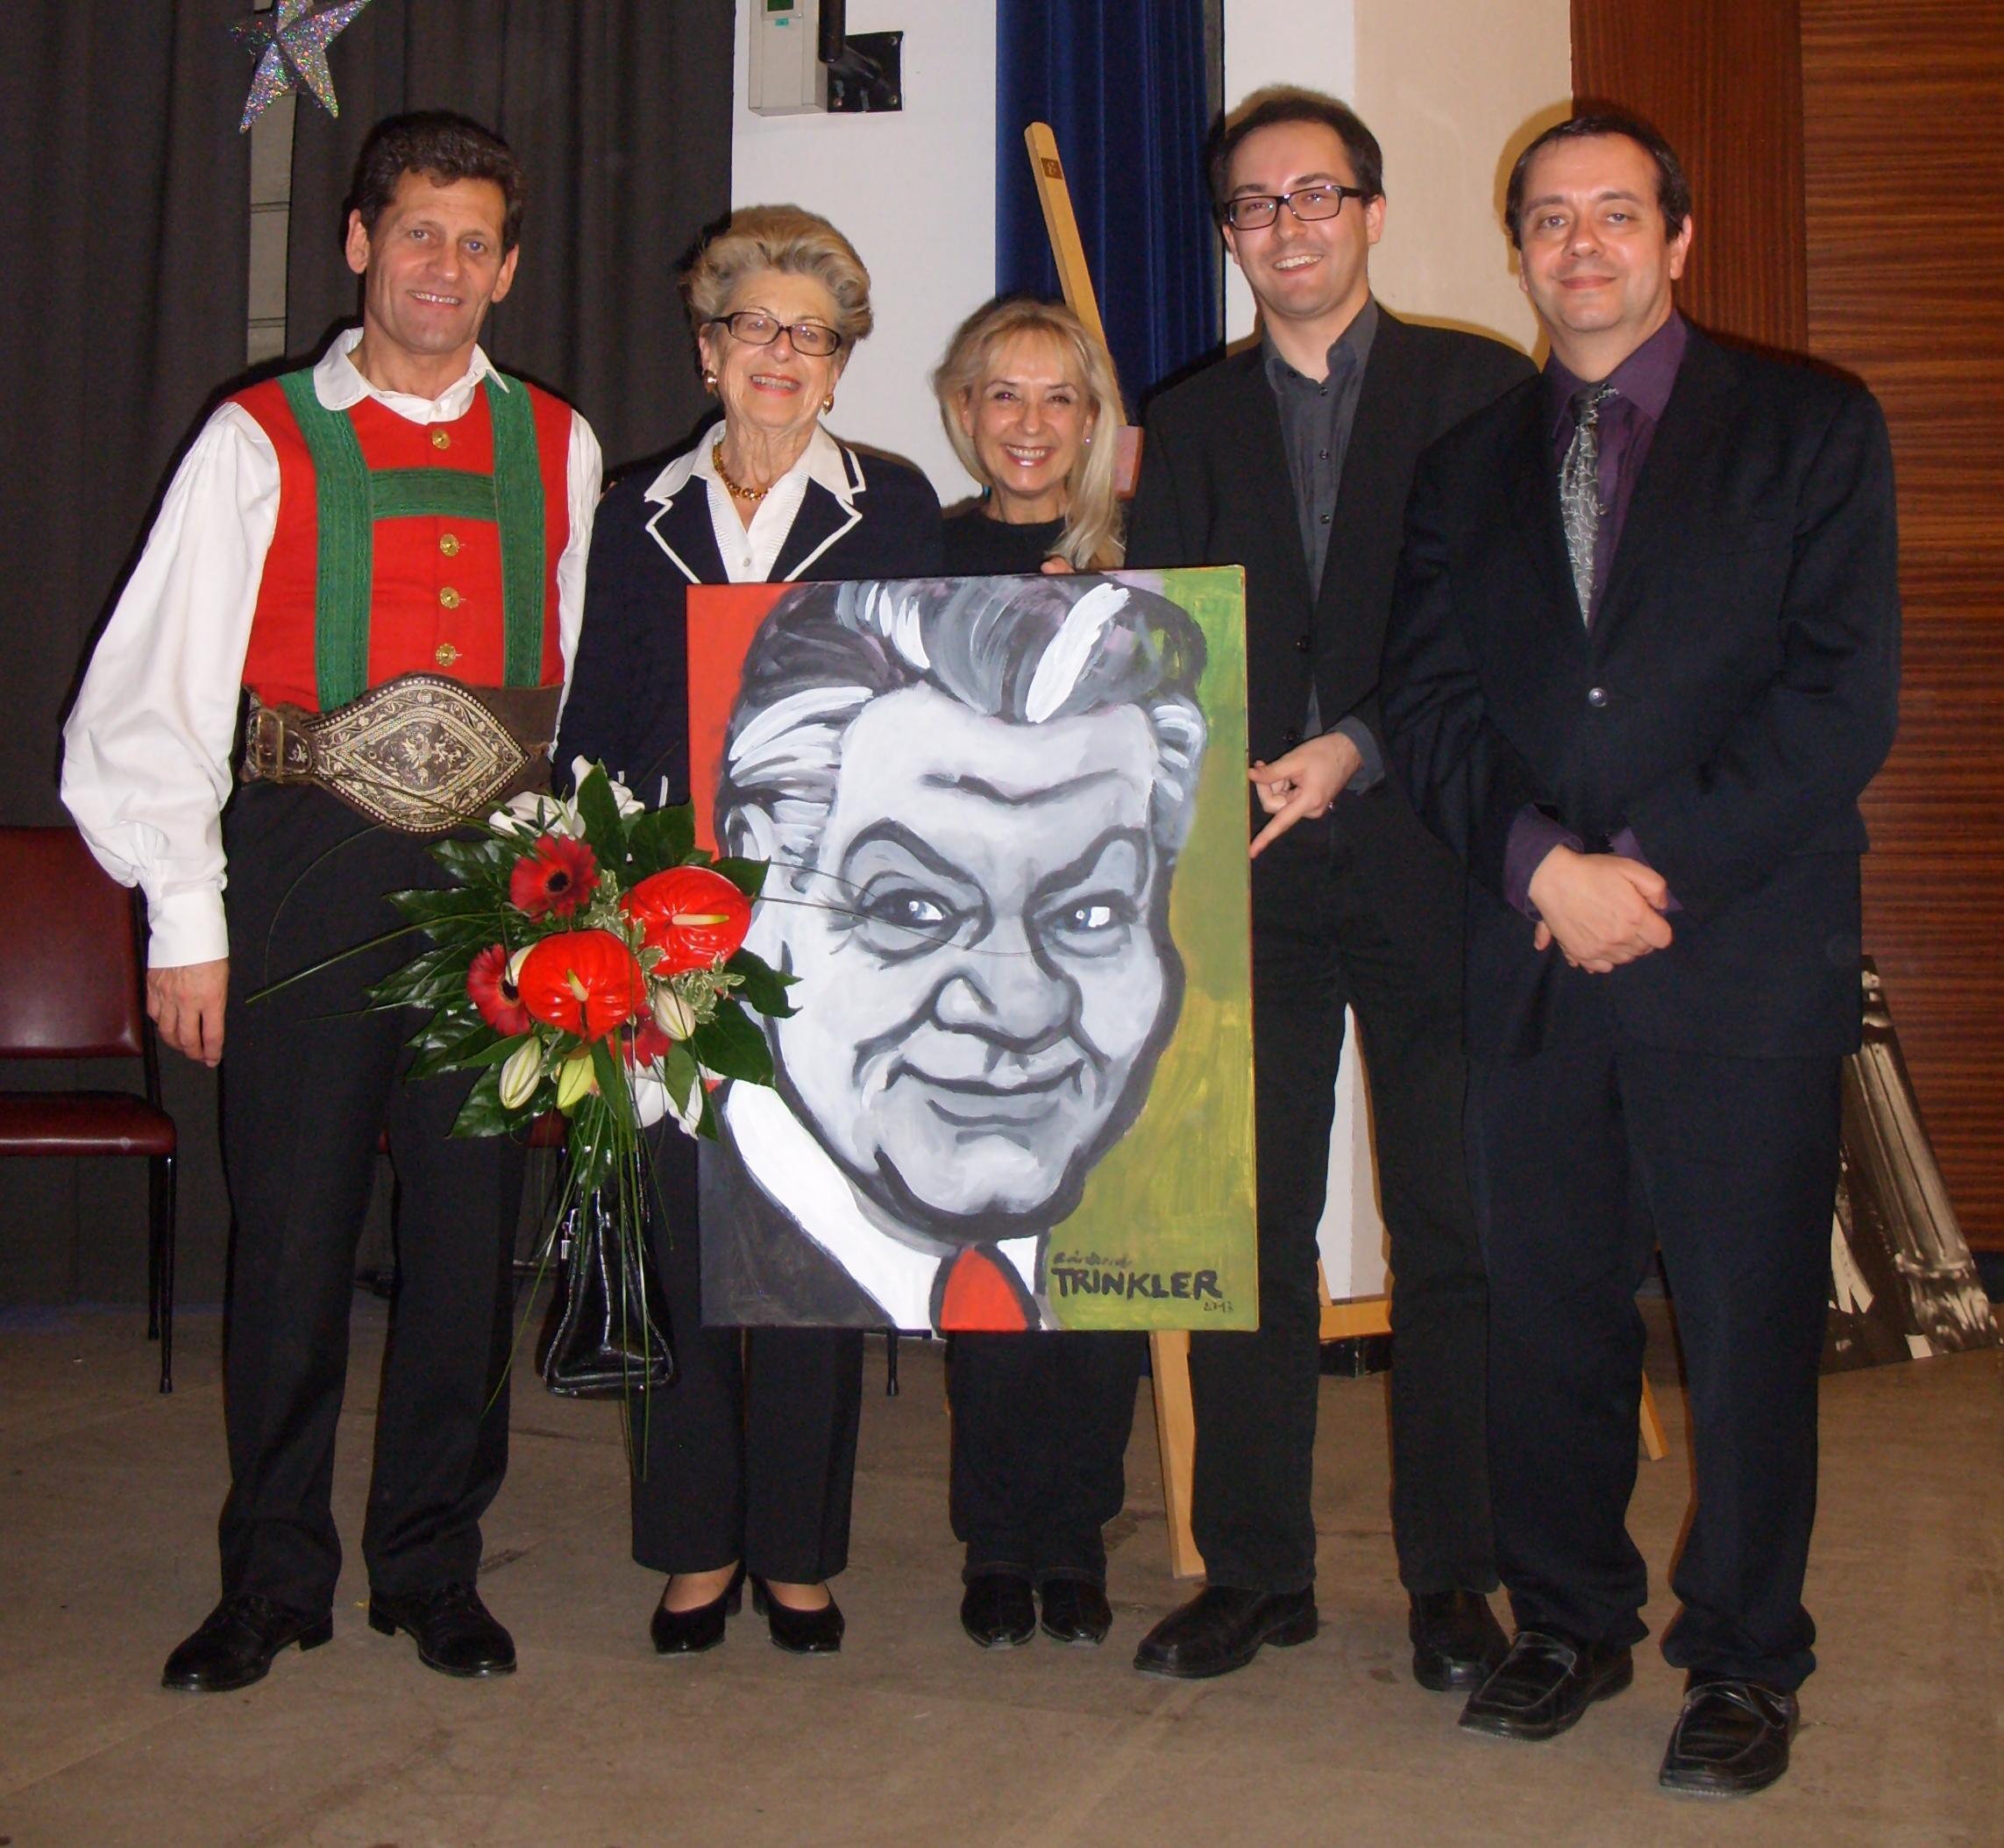 Franz Posch / Erika Conrads / Christa Kern / Reinhard Trinkler / Günter Grossmann